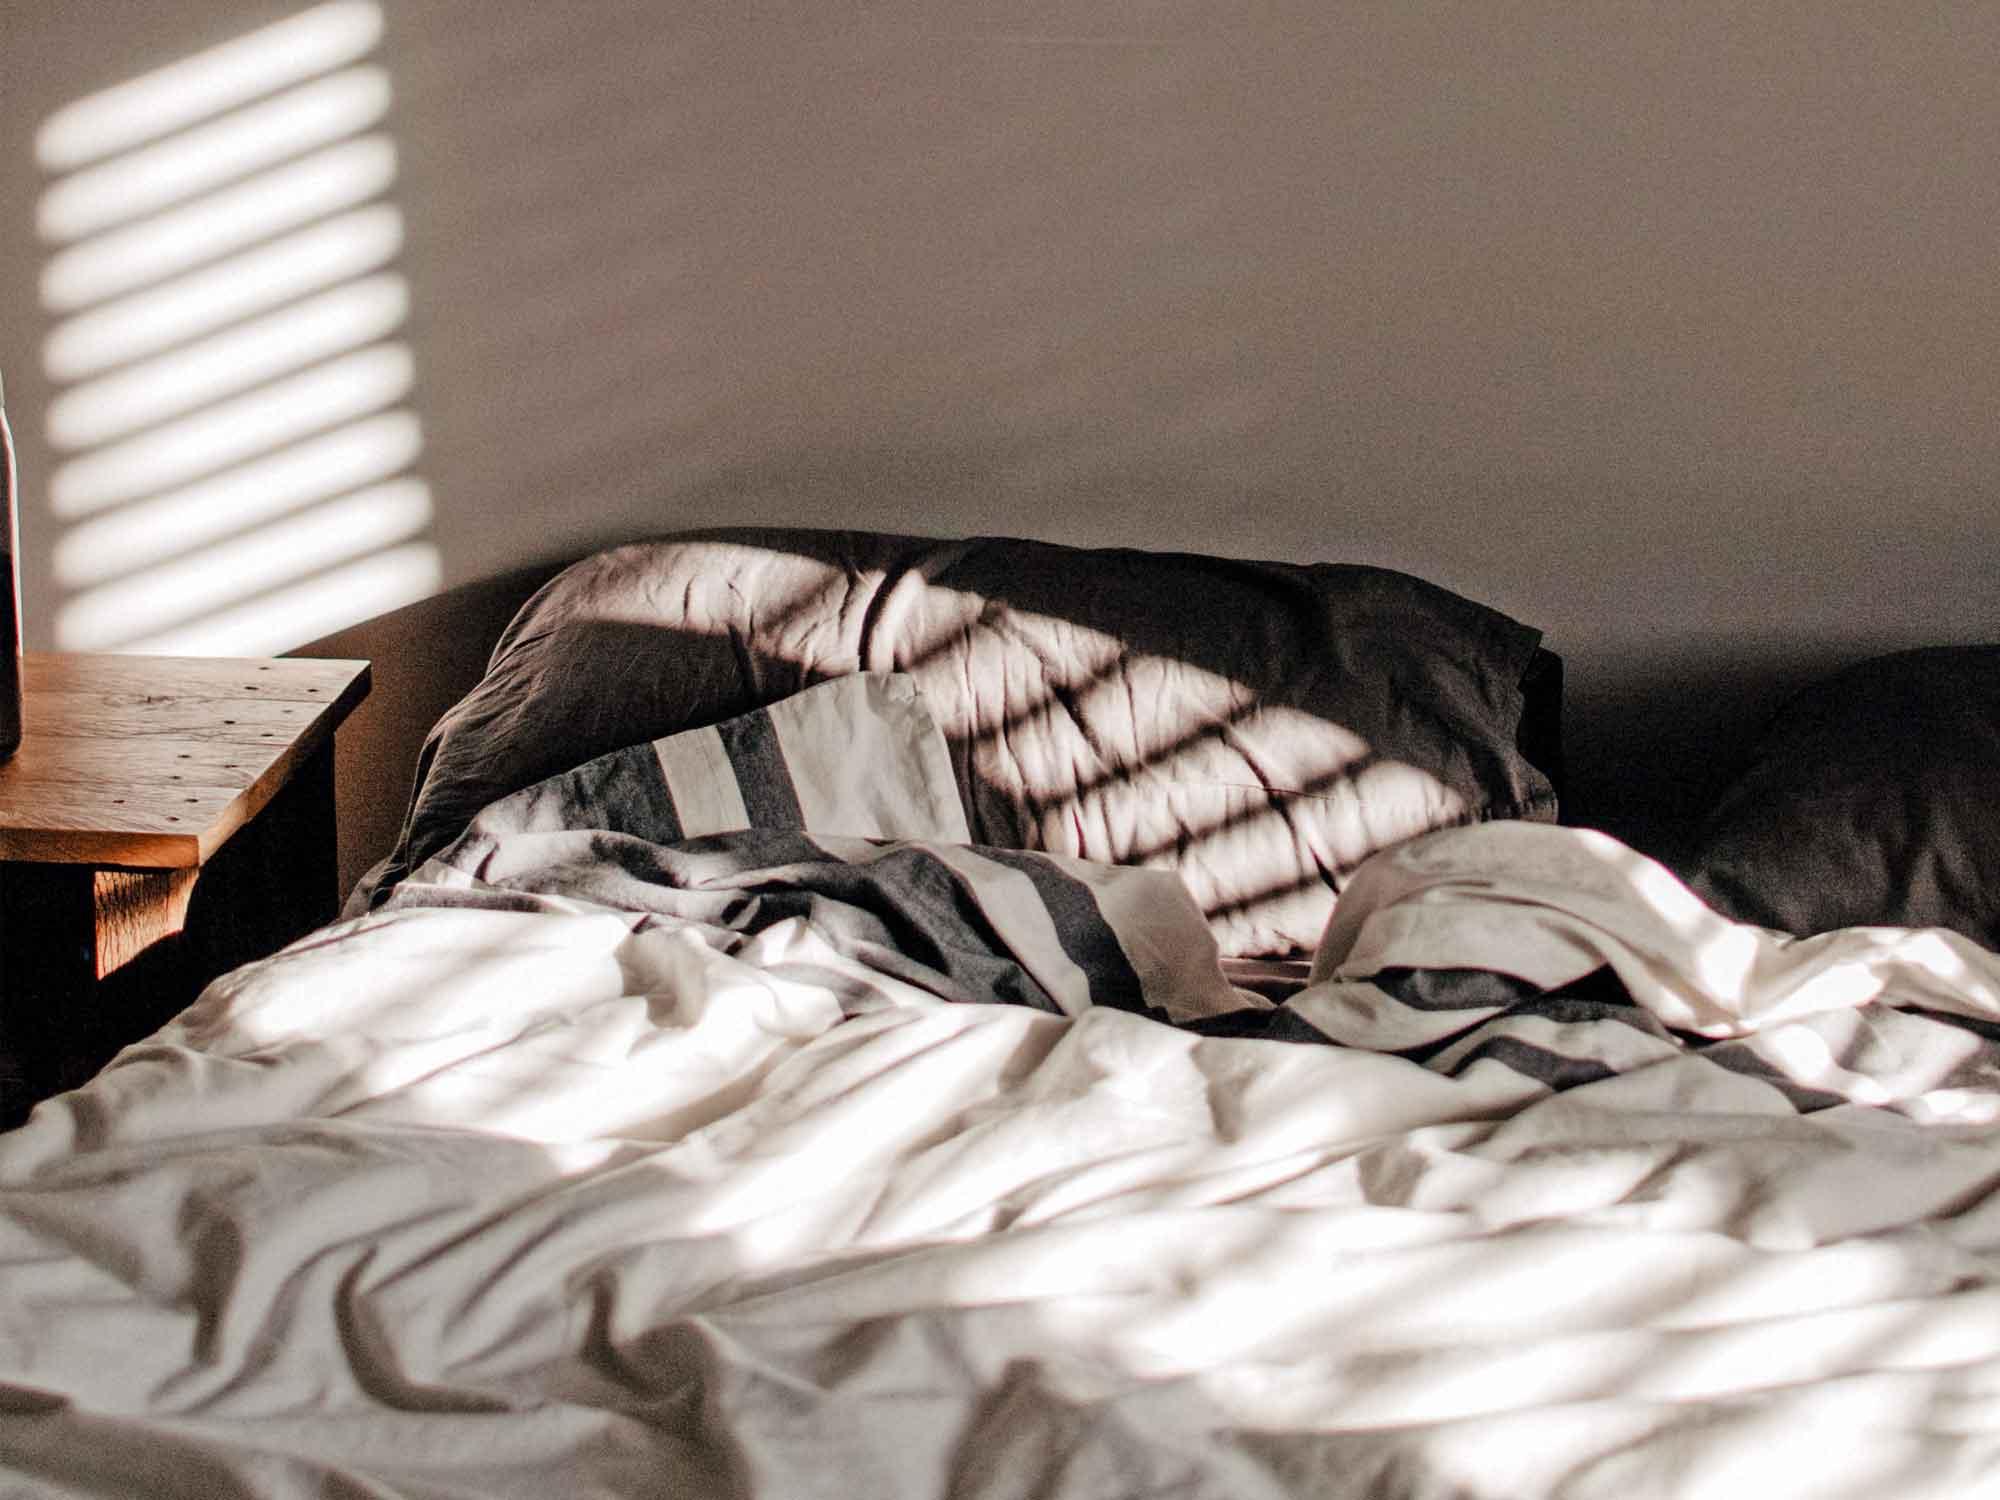 Er schläft nach einem Streit ein? 3 Dinge, die du tun kannst